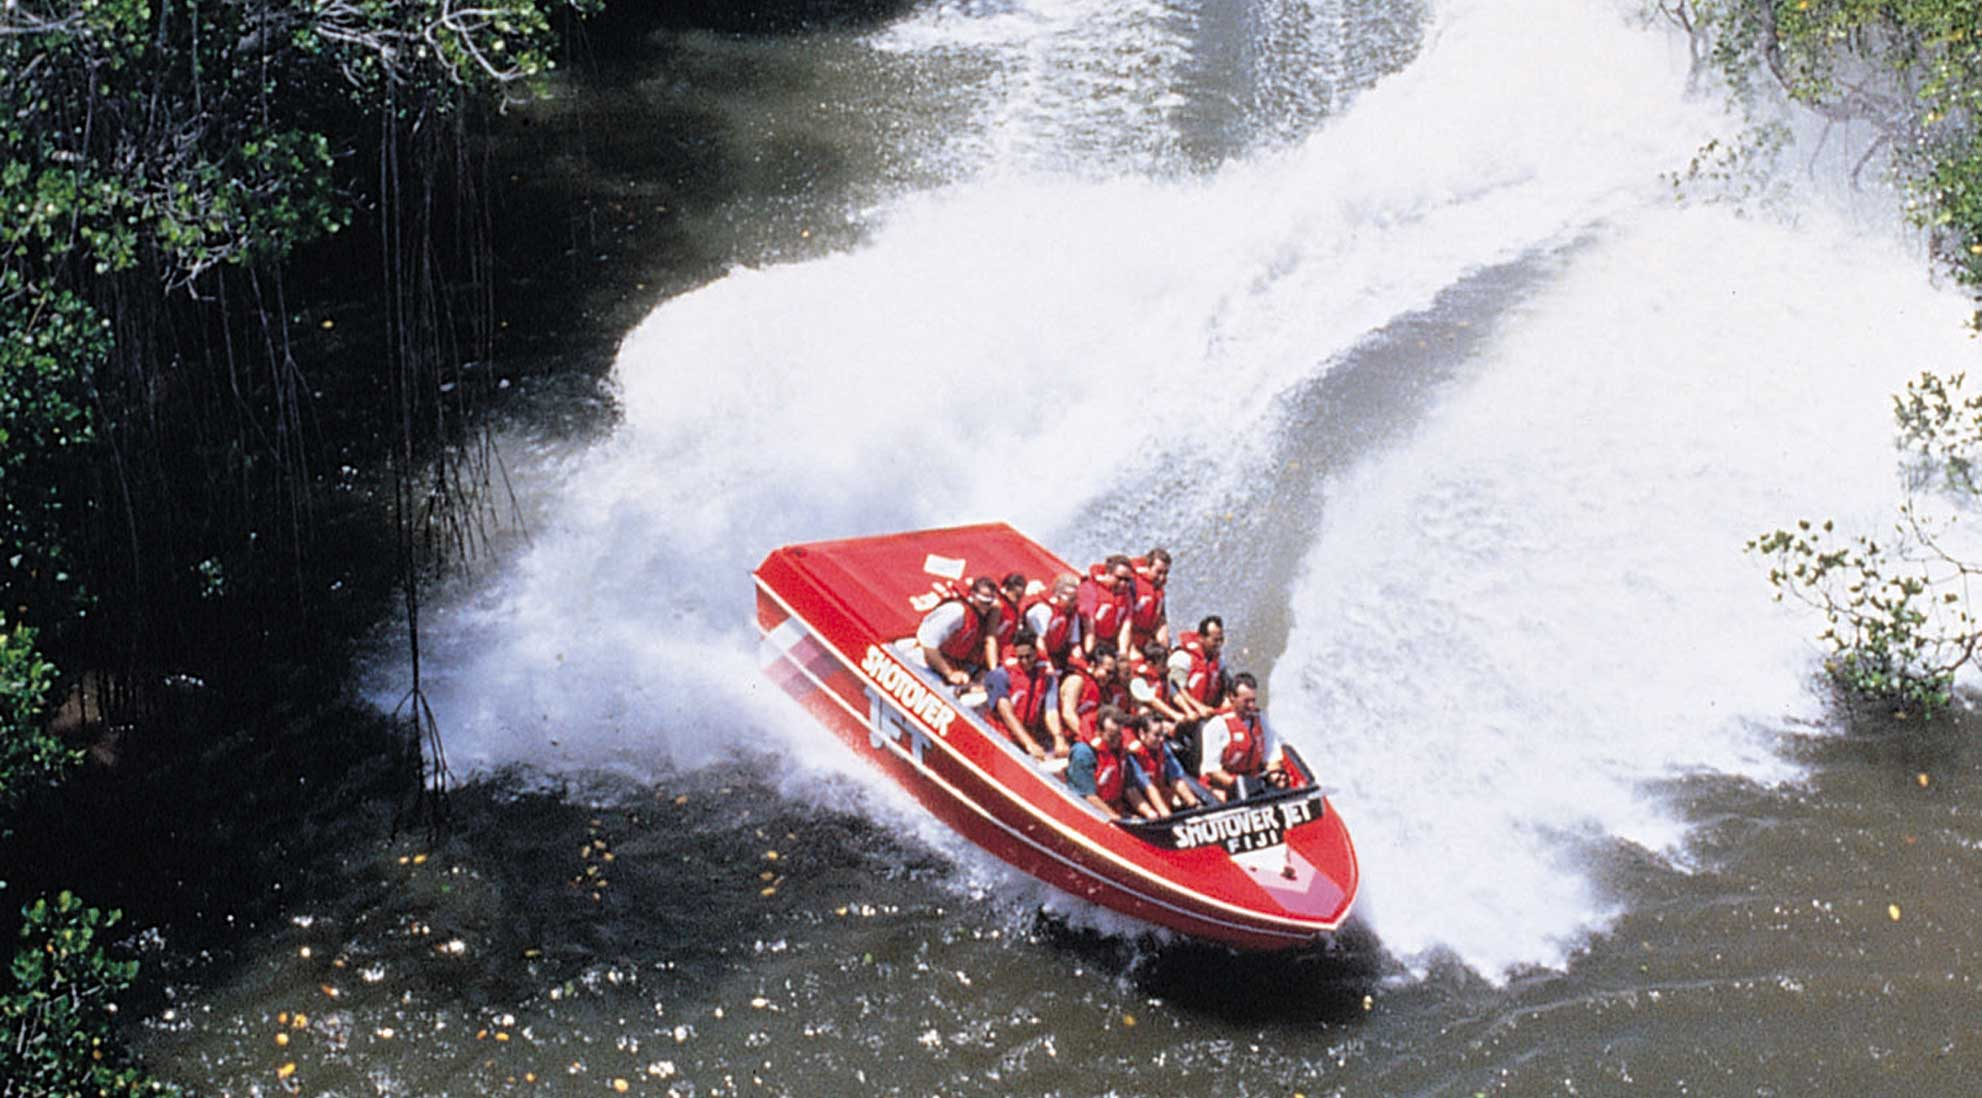 Fiji Jet Boat Ride